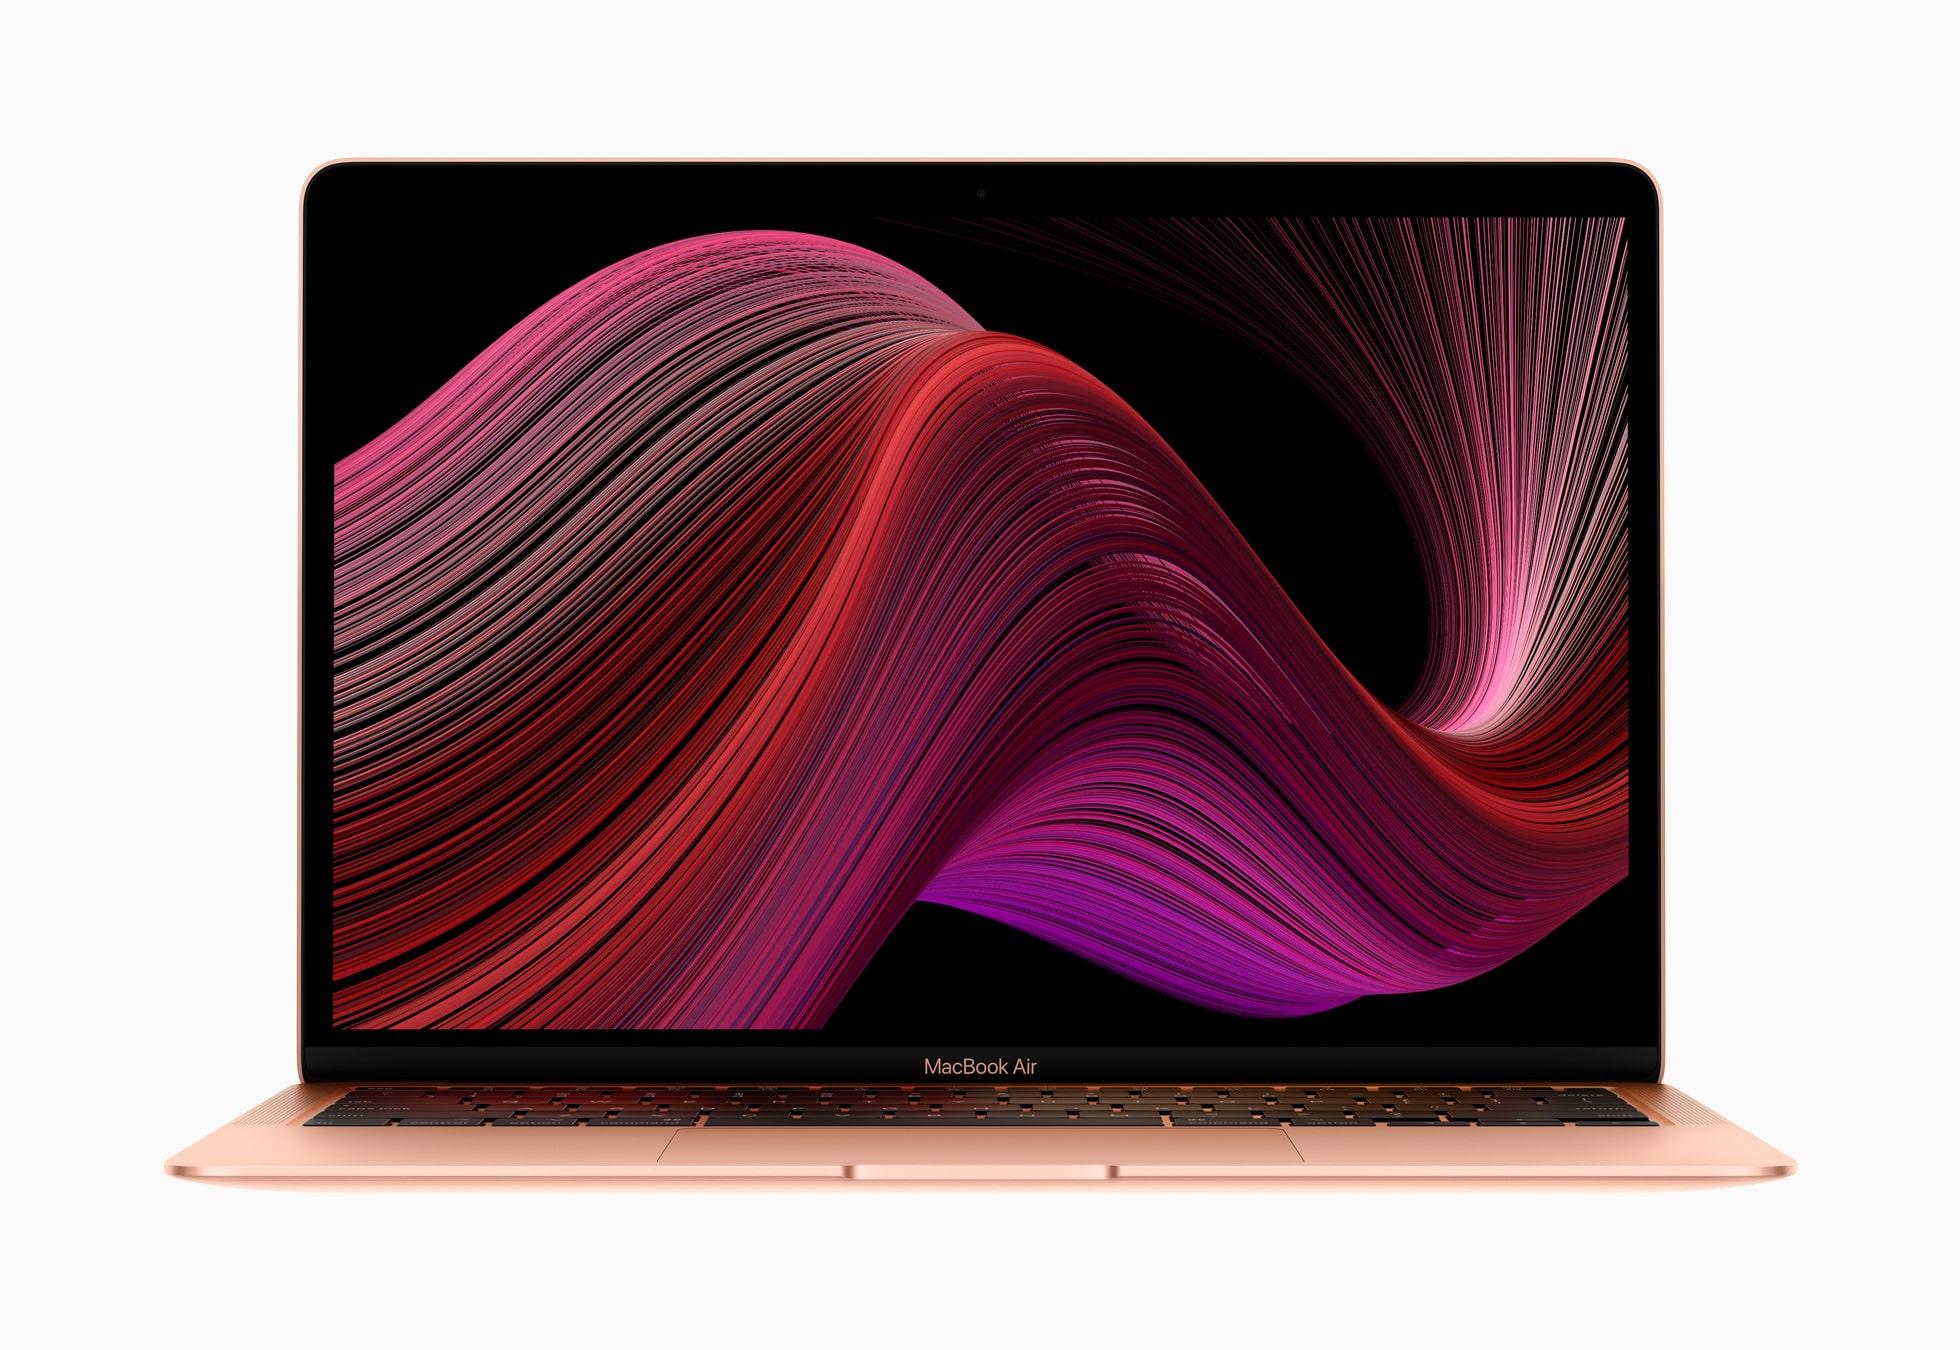 thiết kế macbook air 2020